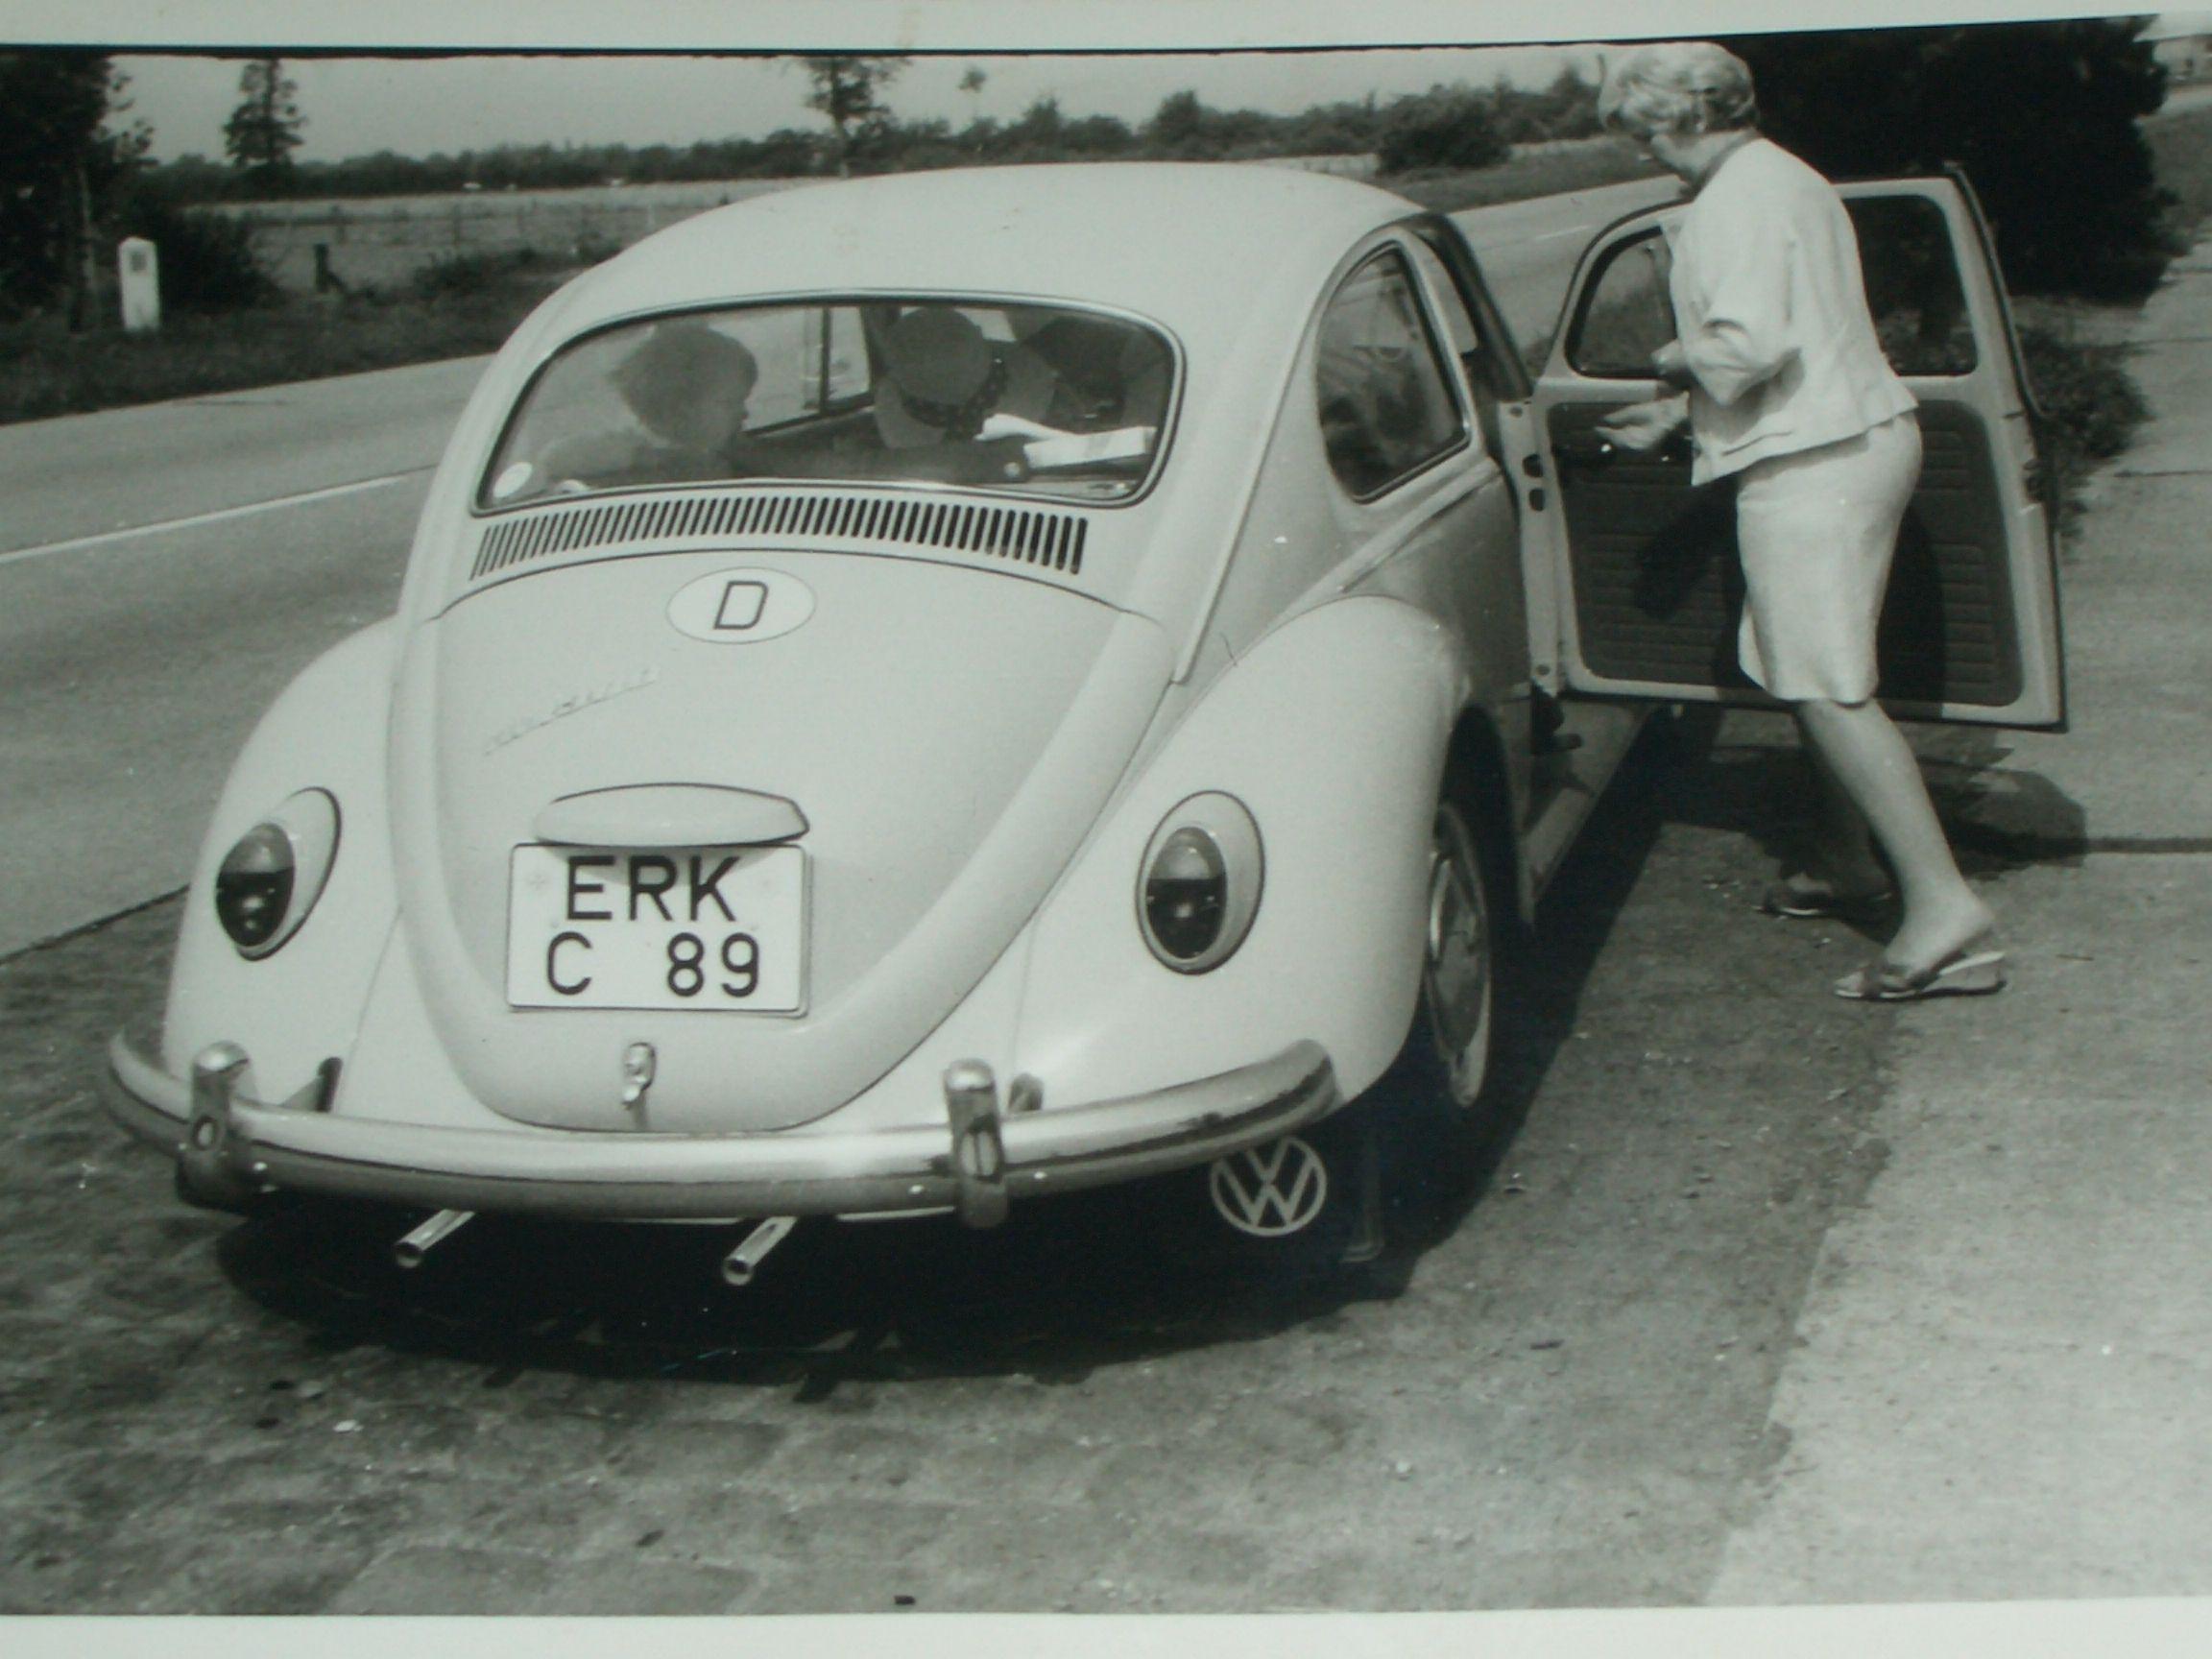 Die erste Fahrt in den Urlaub  nach Zeeland. Sommer 1967 Eine fünfköpfige Familie in einem Käfer auf großer Fahrt. Heute unvorstellbar...